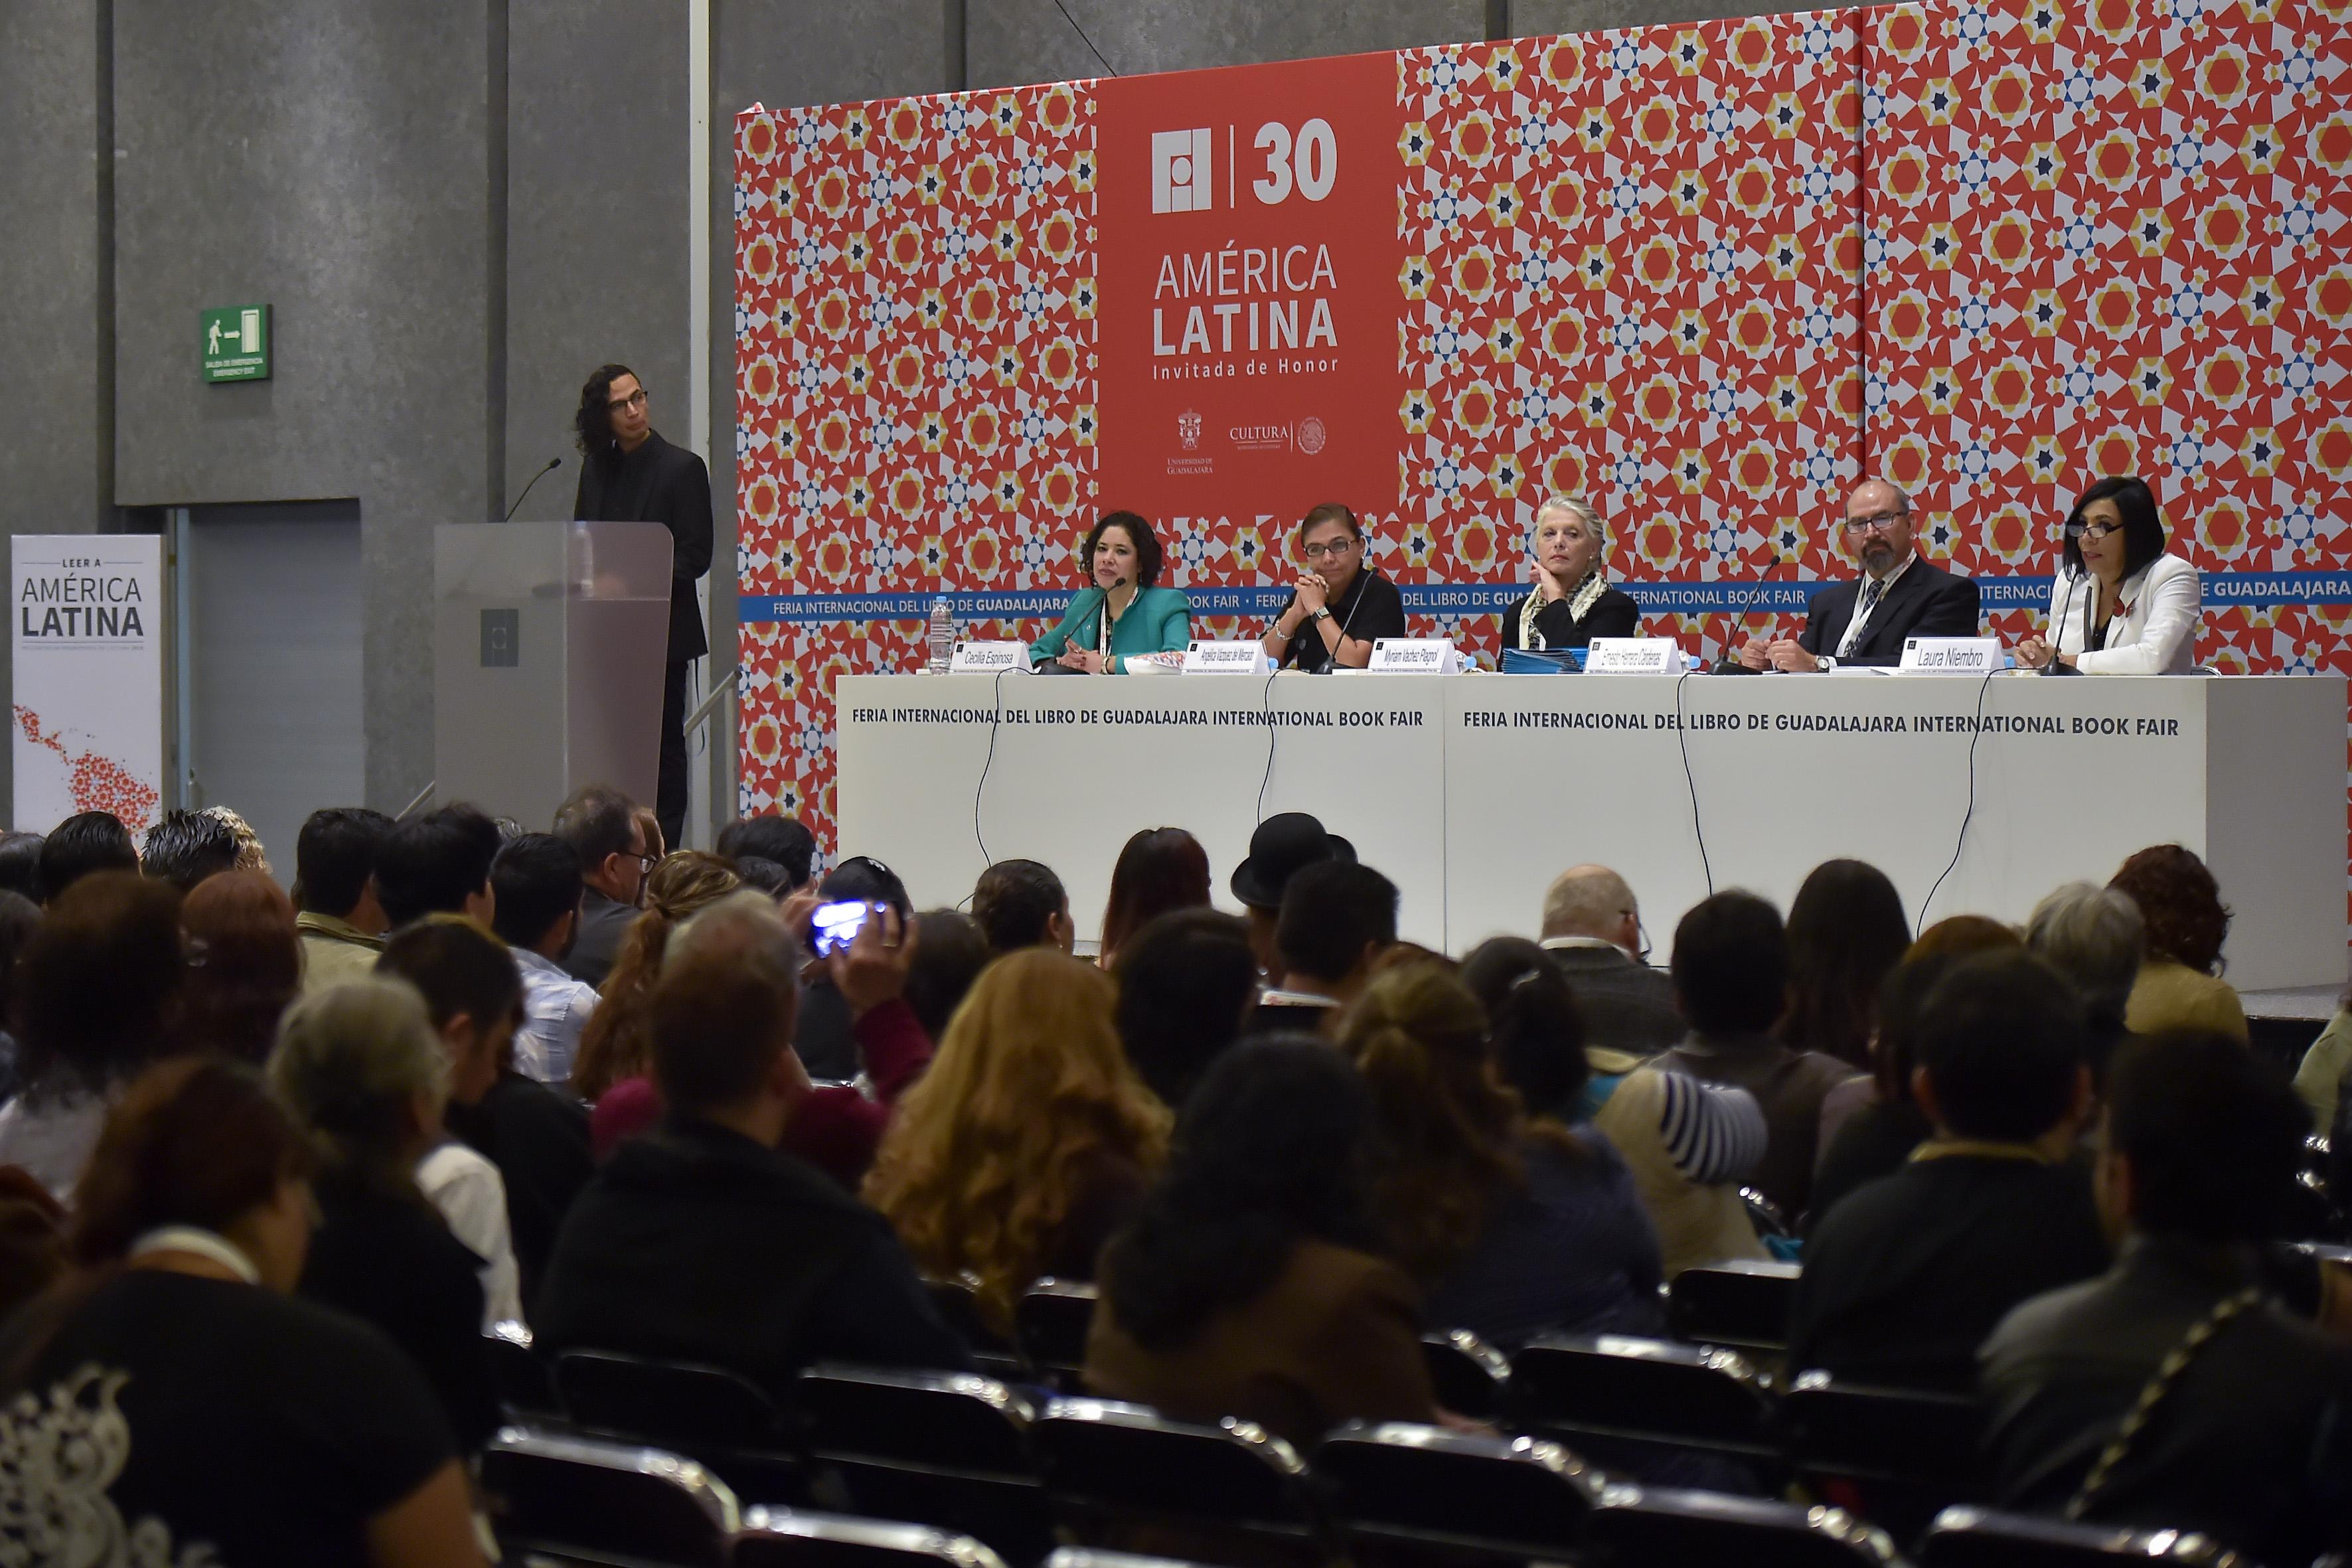 """Miembros panelistas participantes en ceremonia de premiación a promotores de lectura del SEMS de la Universidad de Guadalajara """"Leer América Latina""""."""